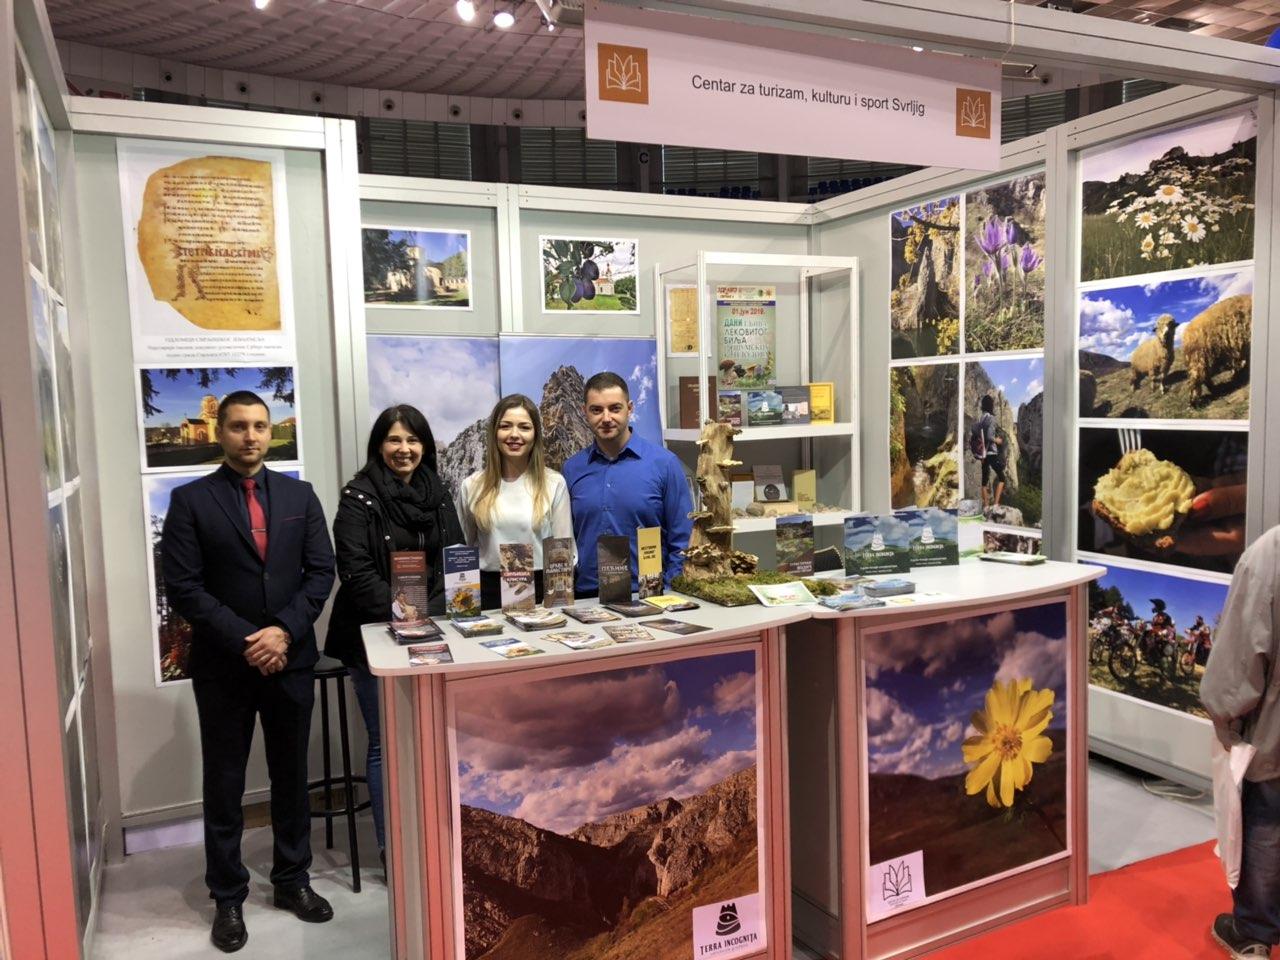 Centar za turizam, kulturu i sport na Međunarodnom sajmu turizma i aktivnog odmora